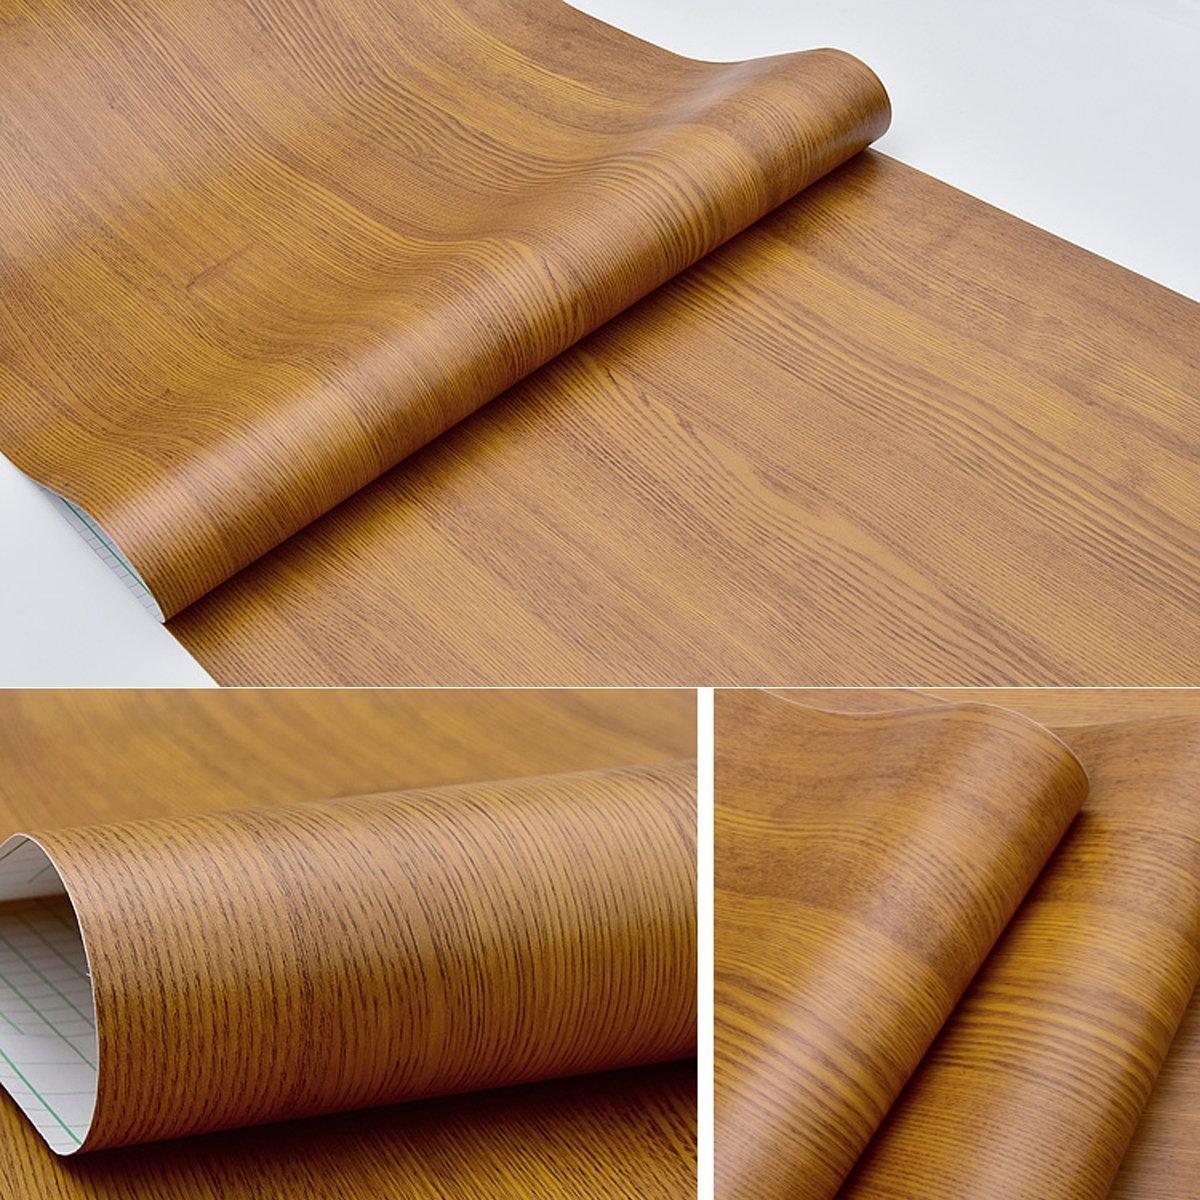 Autocollant imitation Grain de bois rustique Contact papier pour armoires de cuisine étagères tiroir Armoires Table Desk Arts and Crafts Autocollant 61x 297,2cm